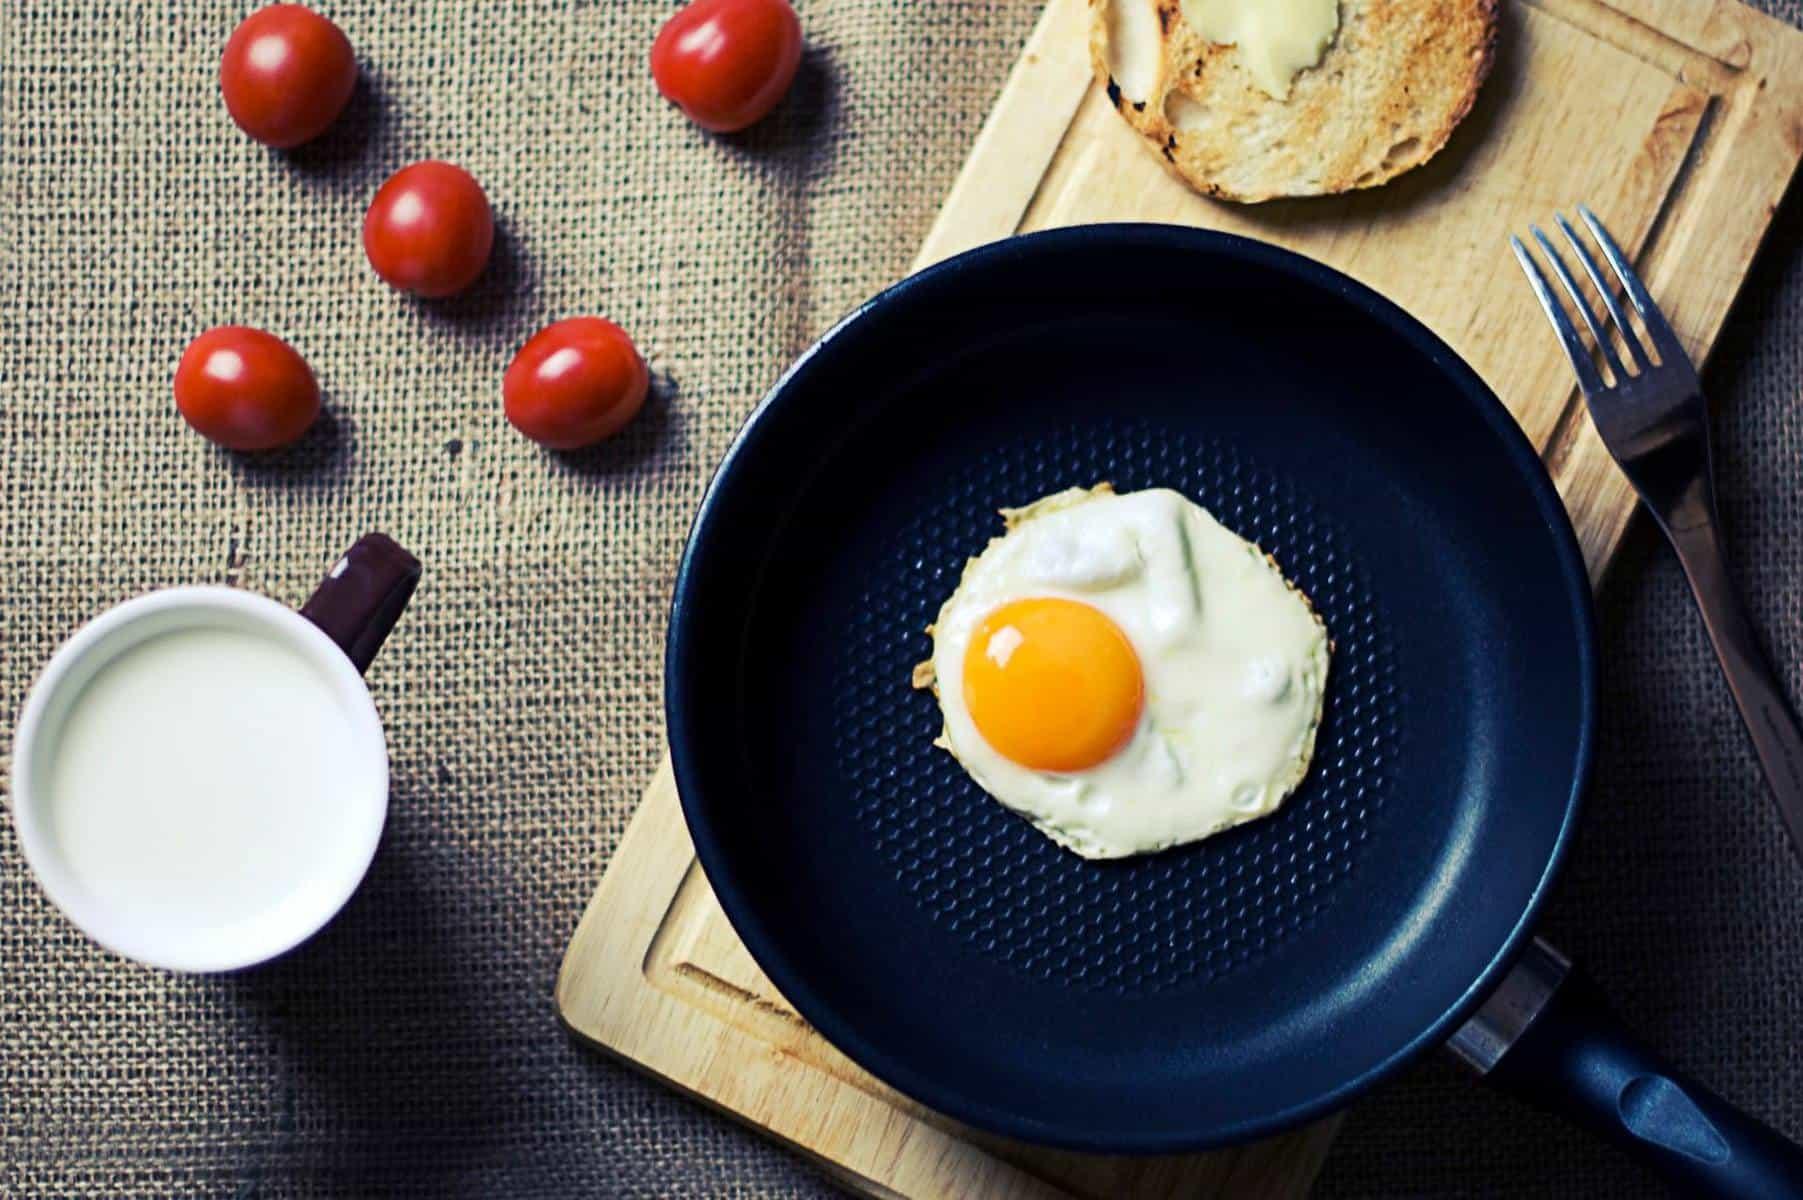 Superfoods - eggs